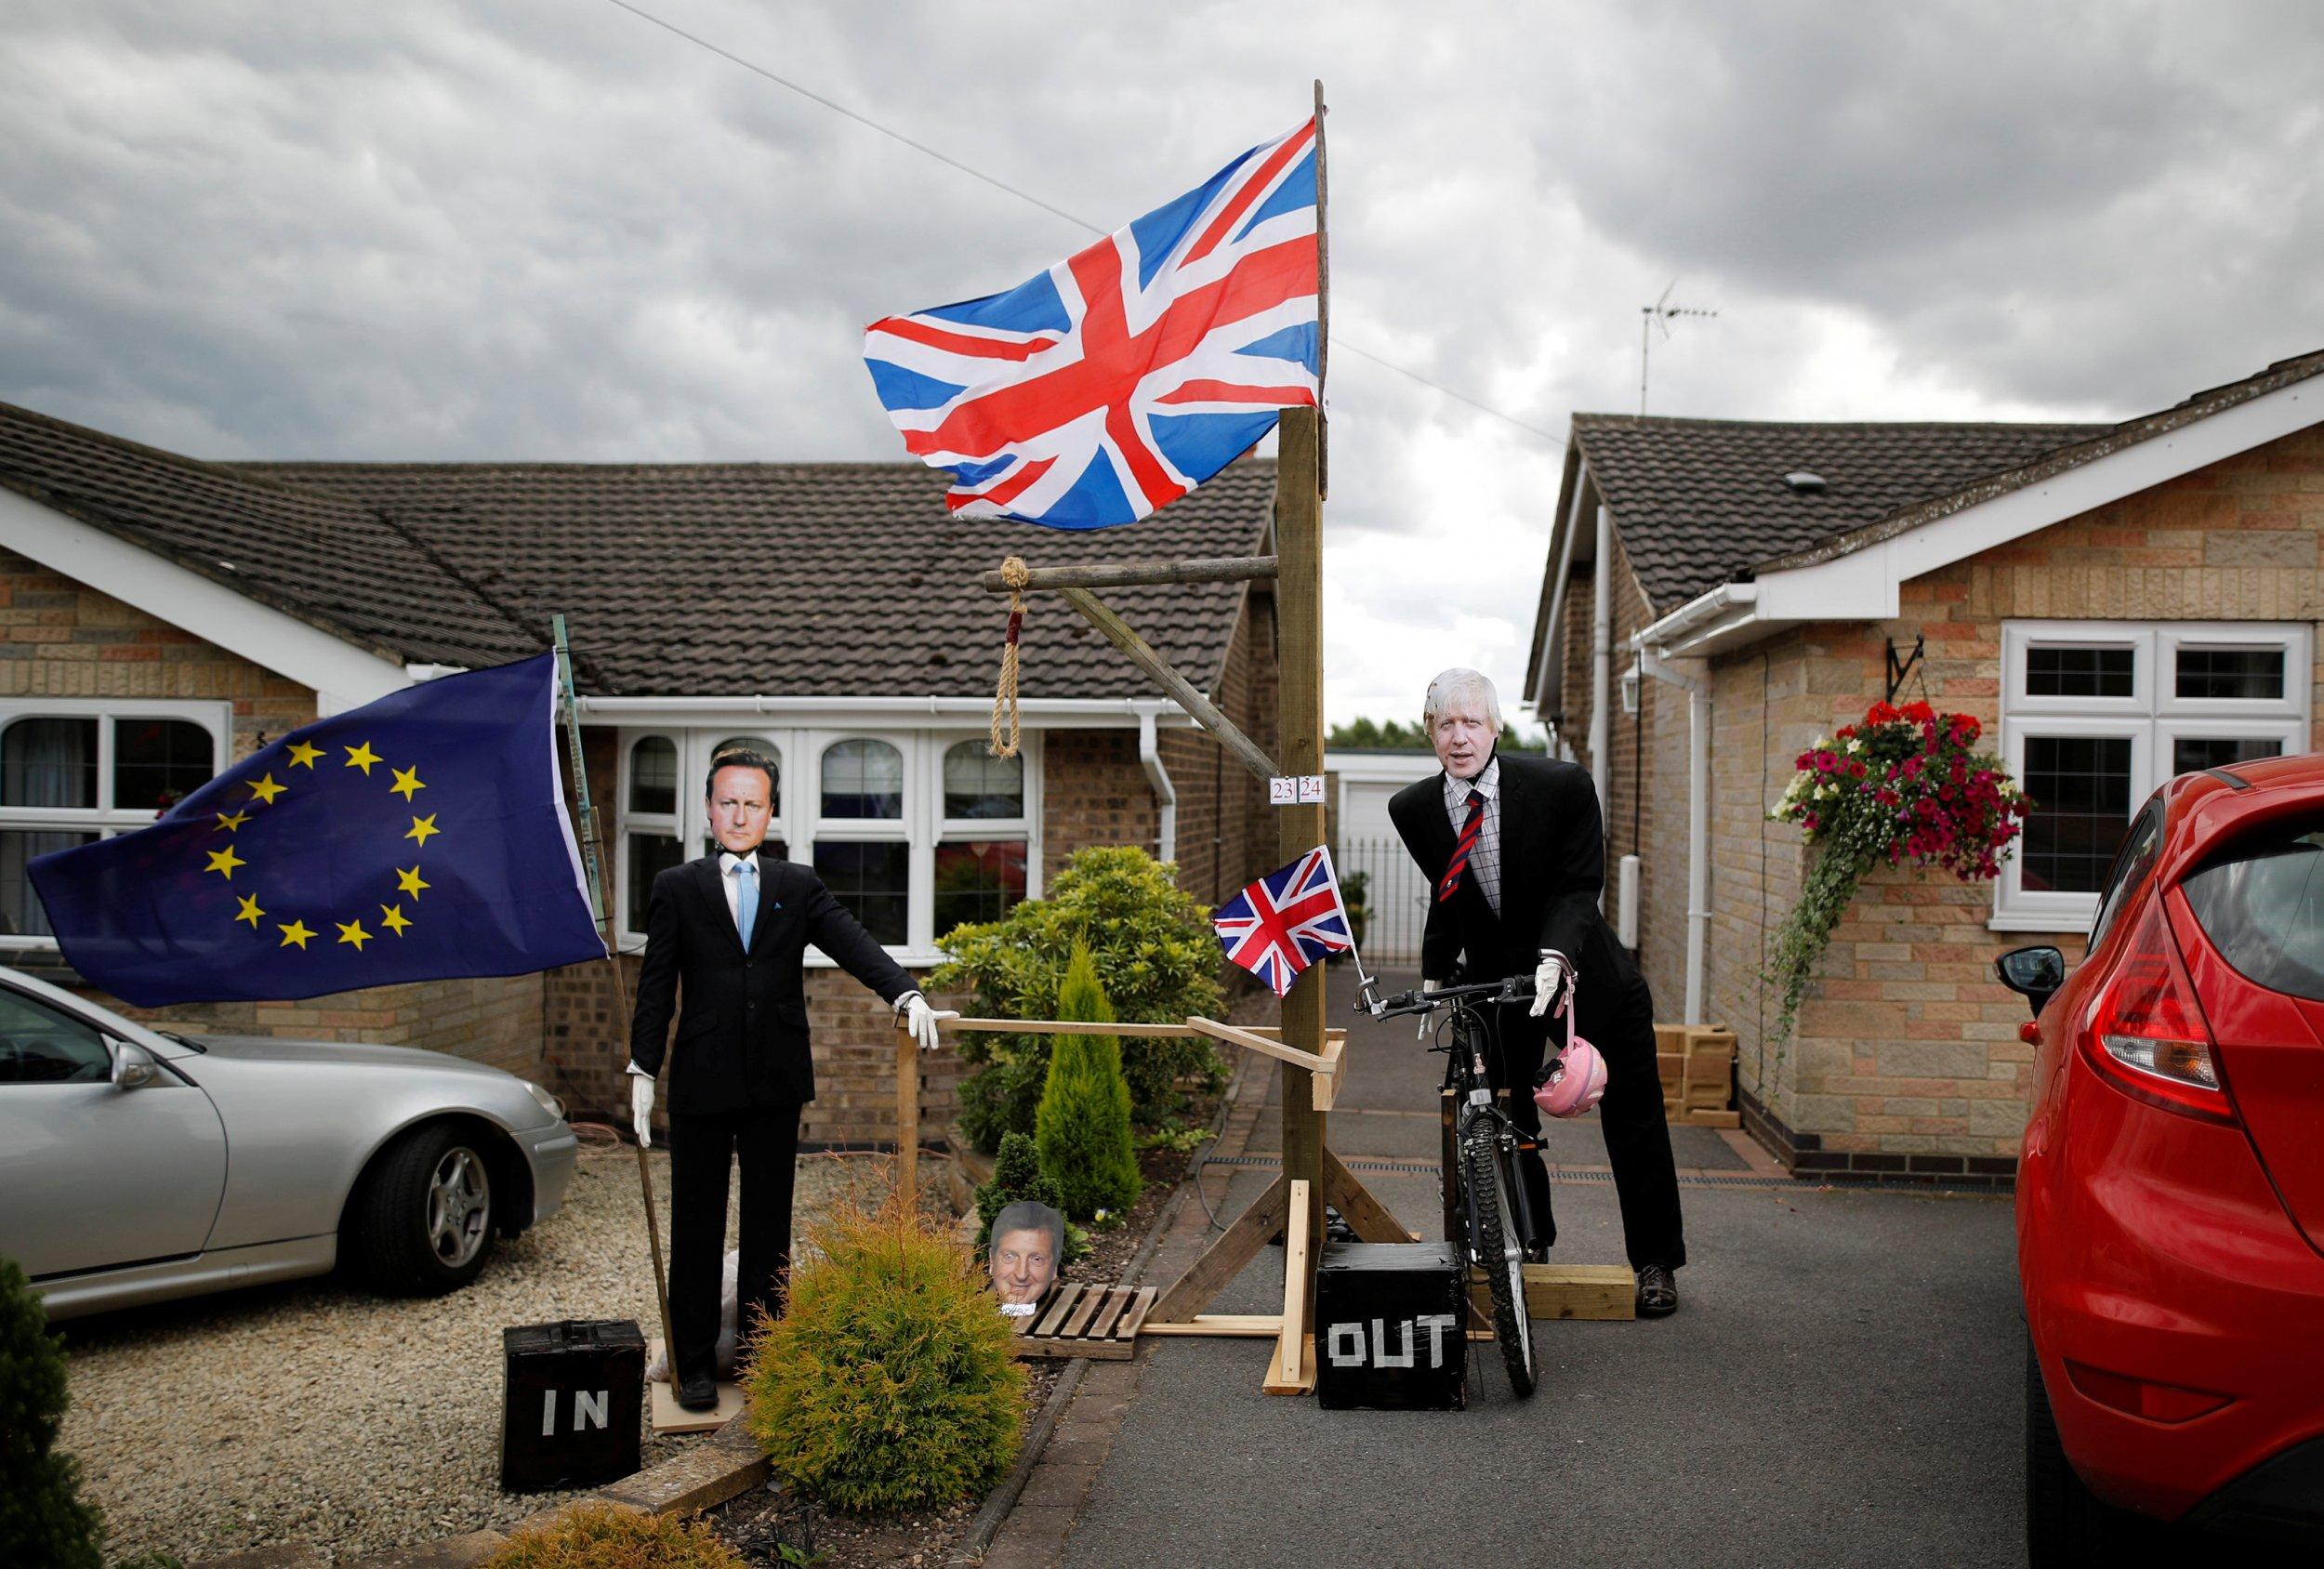 08_13_brexit_01